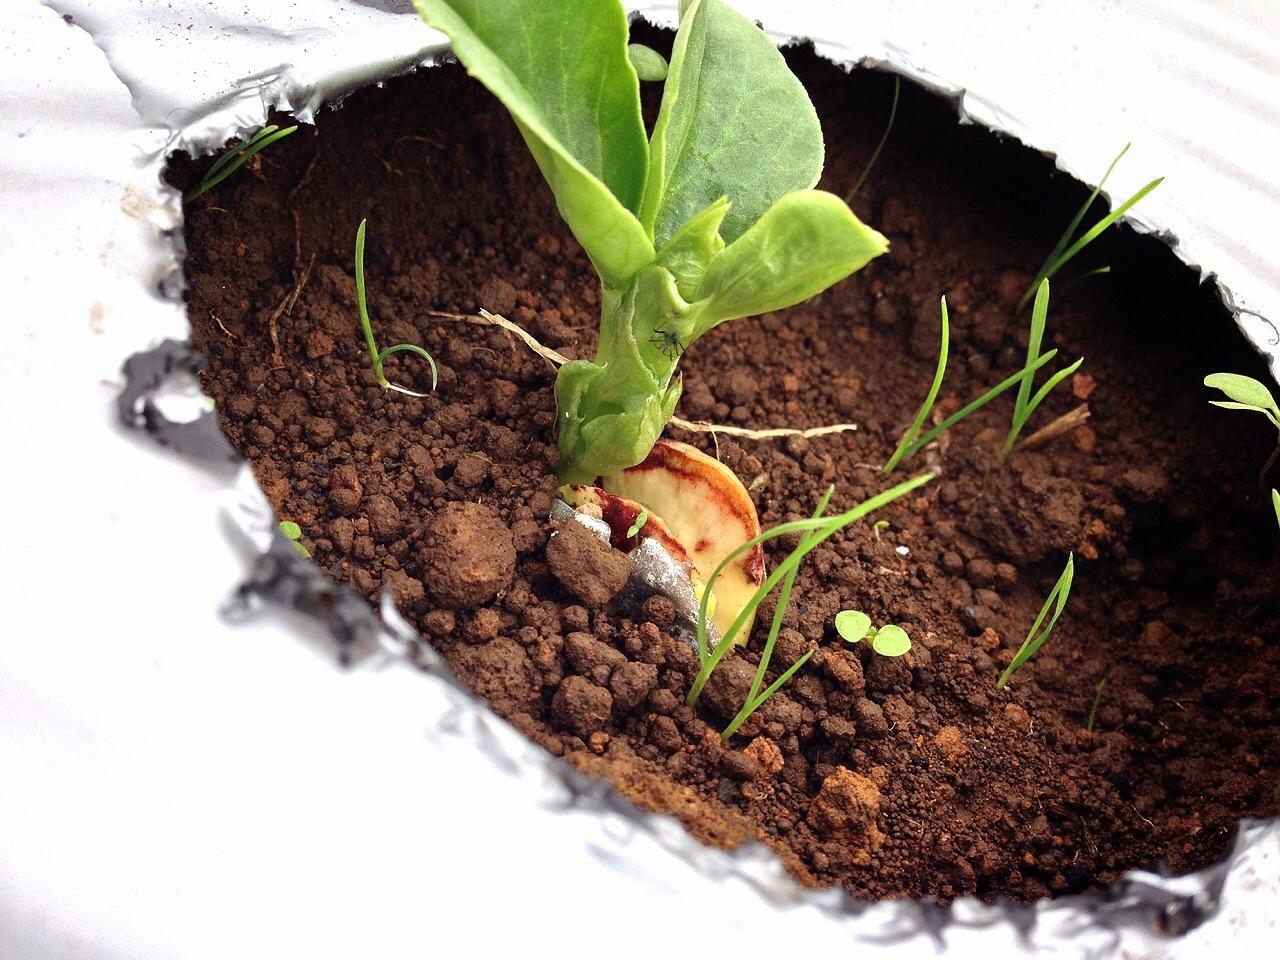 人参やアスパラ菜を収穫していきます あとは 細かい雑草取りです _c0222448_12374698.jpg